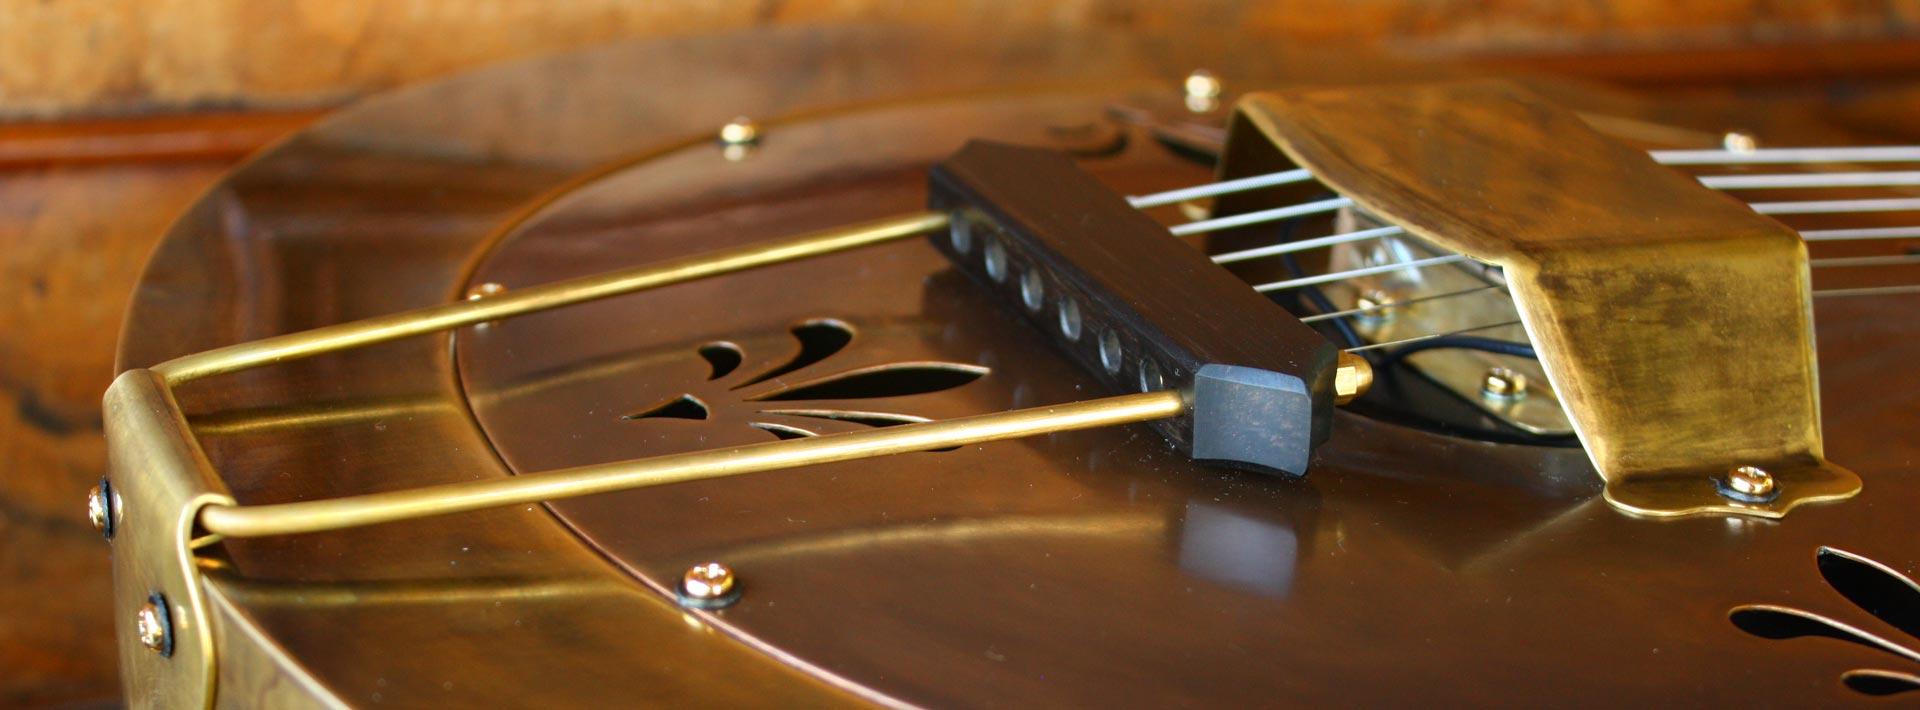 Mattsen handmade guitars